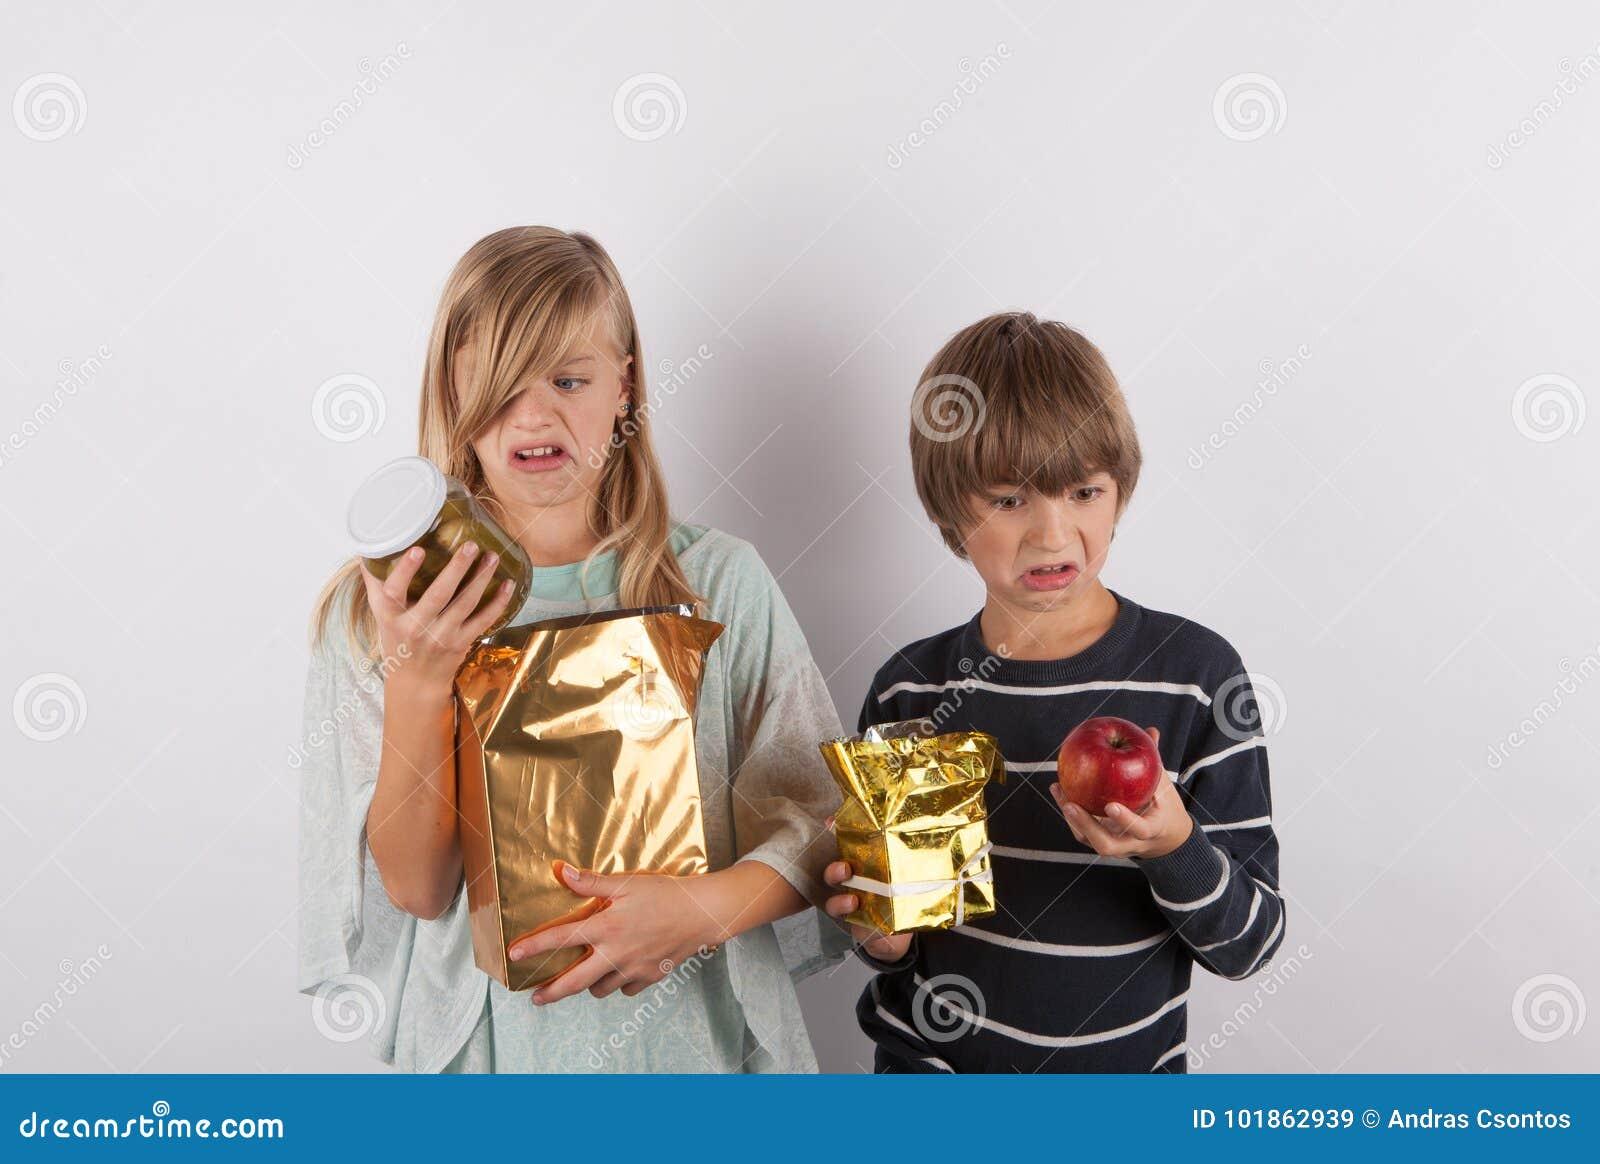 Enfants choqués par de mauvais cadeaux